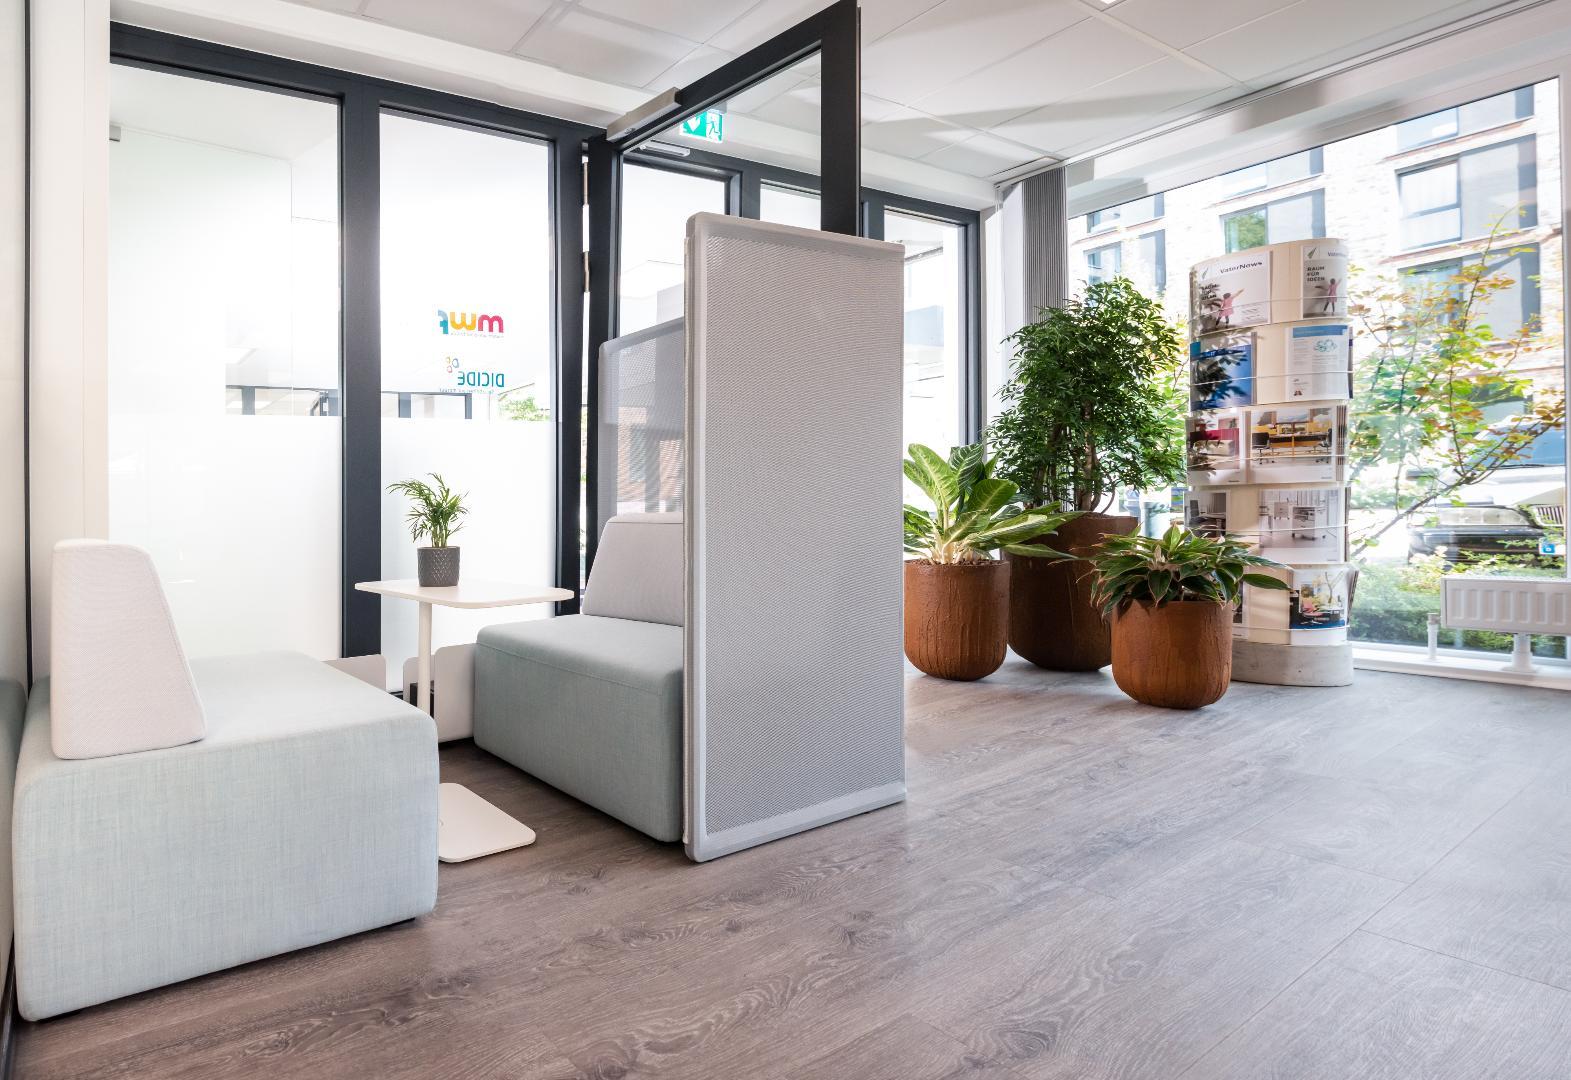 Bild 3 von modern workplace office